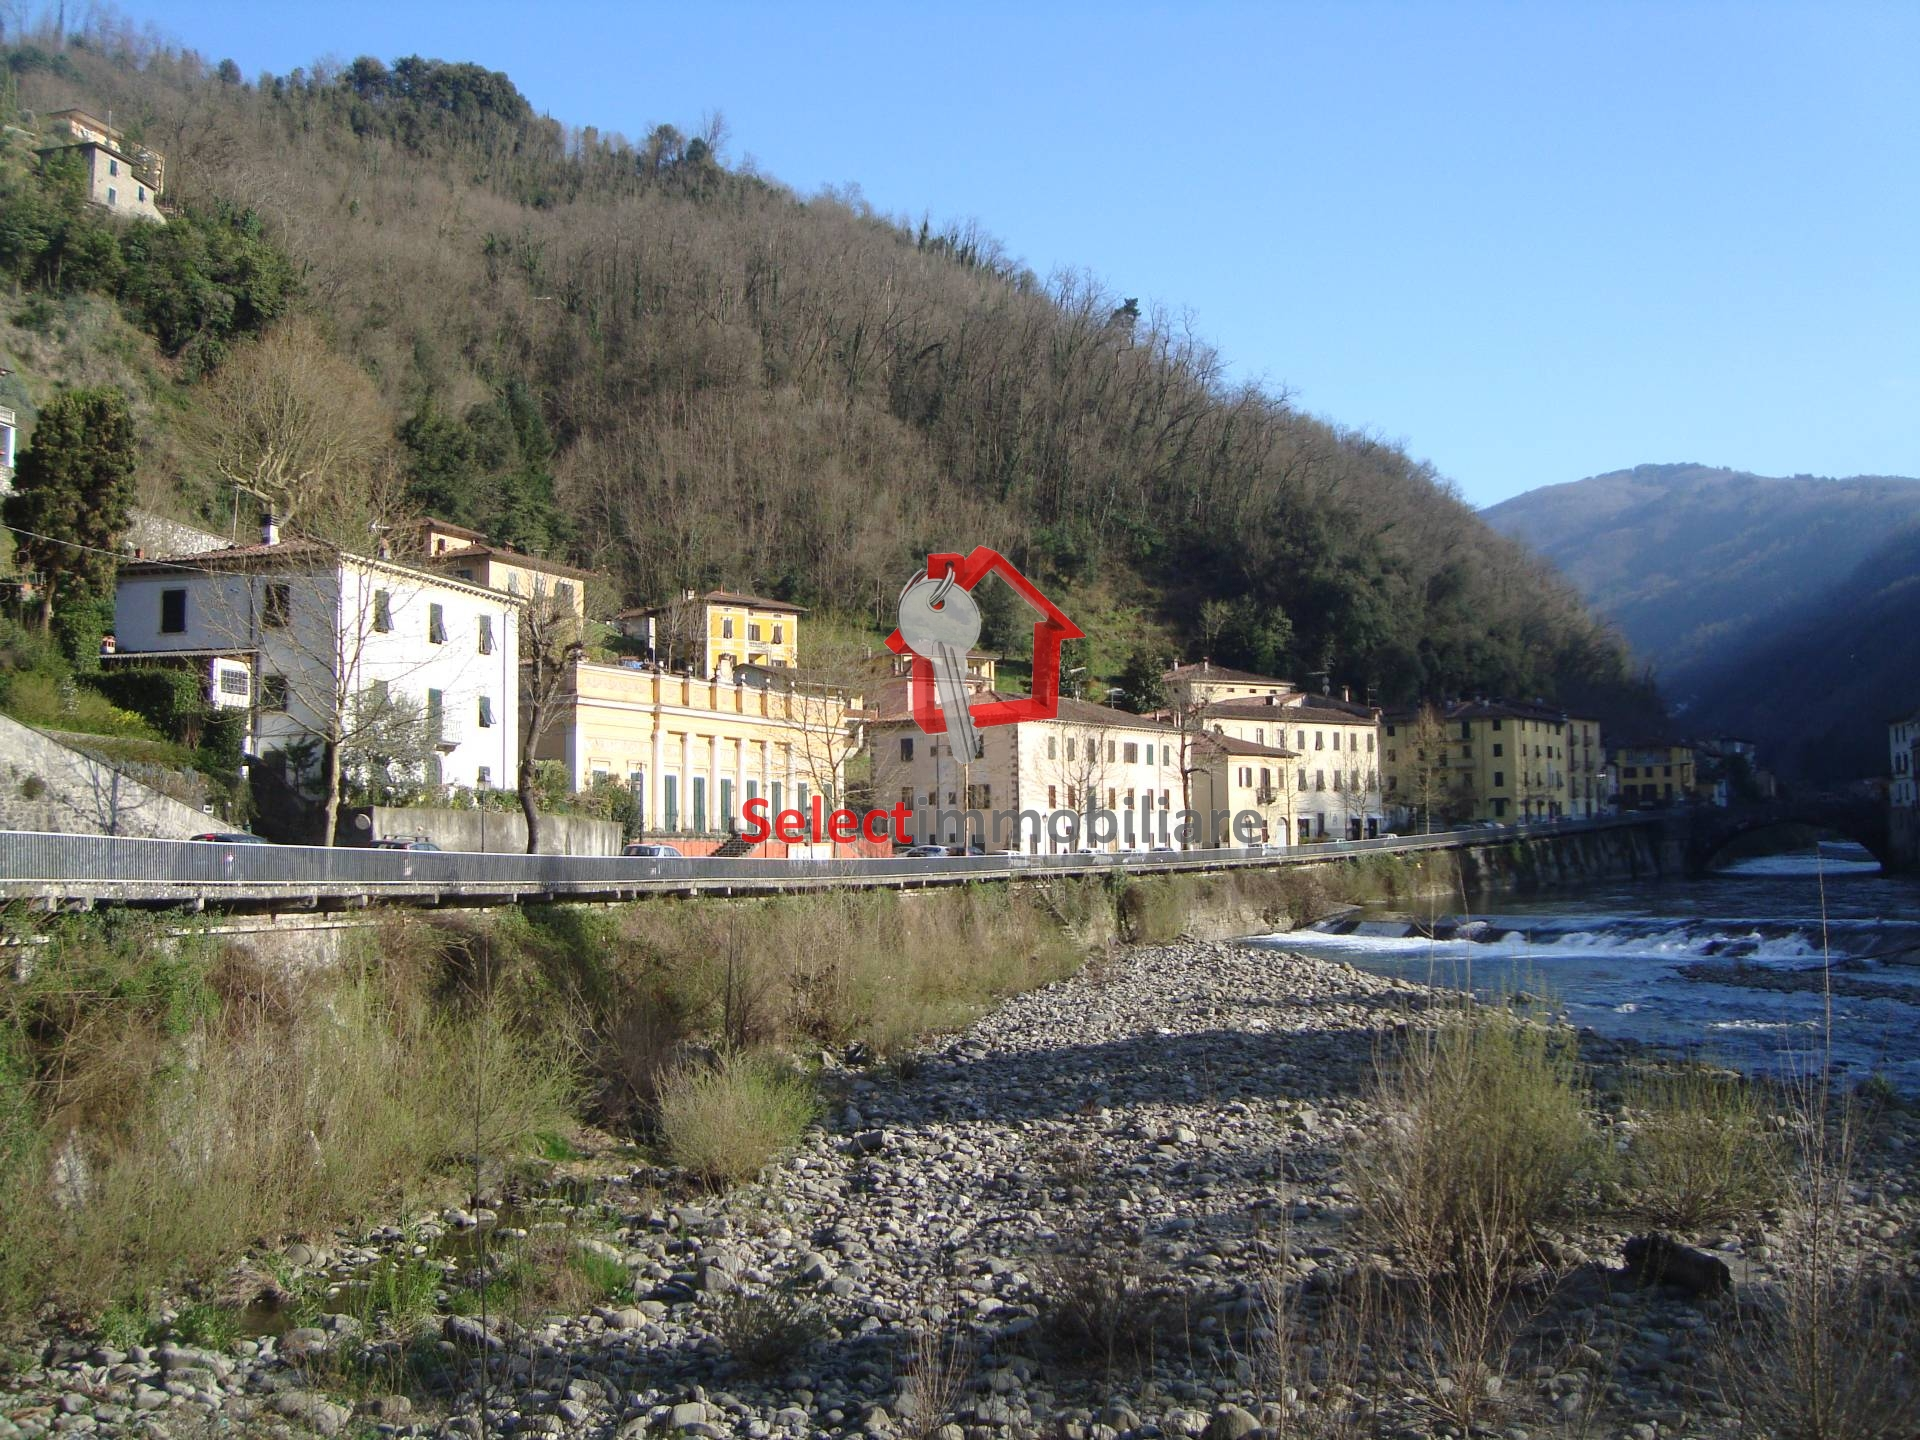 Appartamento in vendita a Bagni di Lucca, 2 locali, prezzo € 43.000 | CambioCasa.it